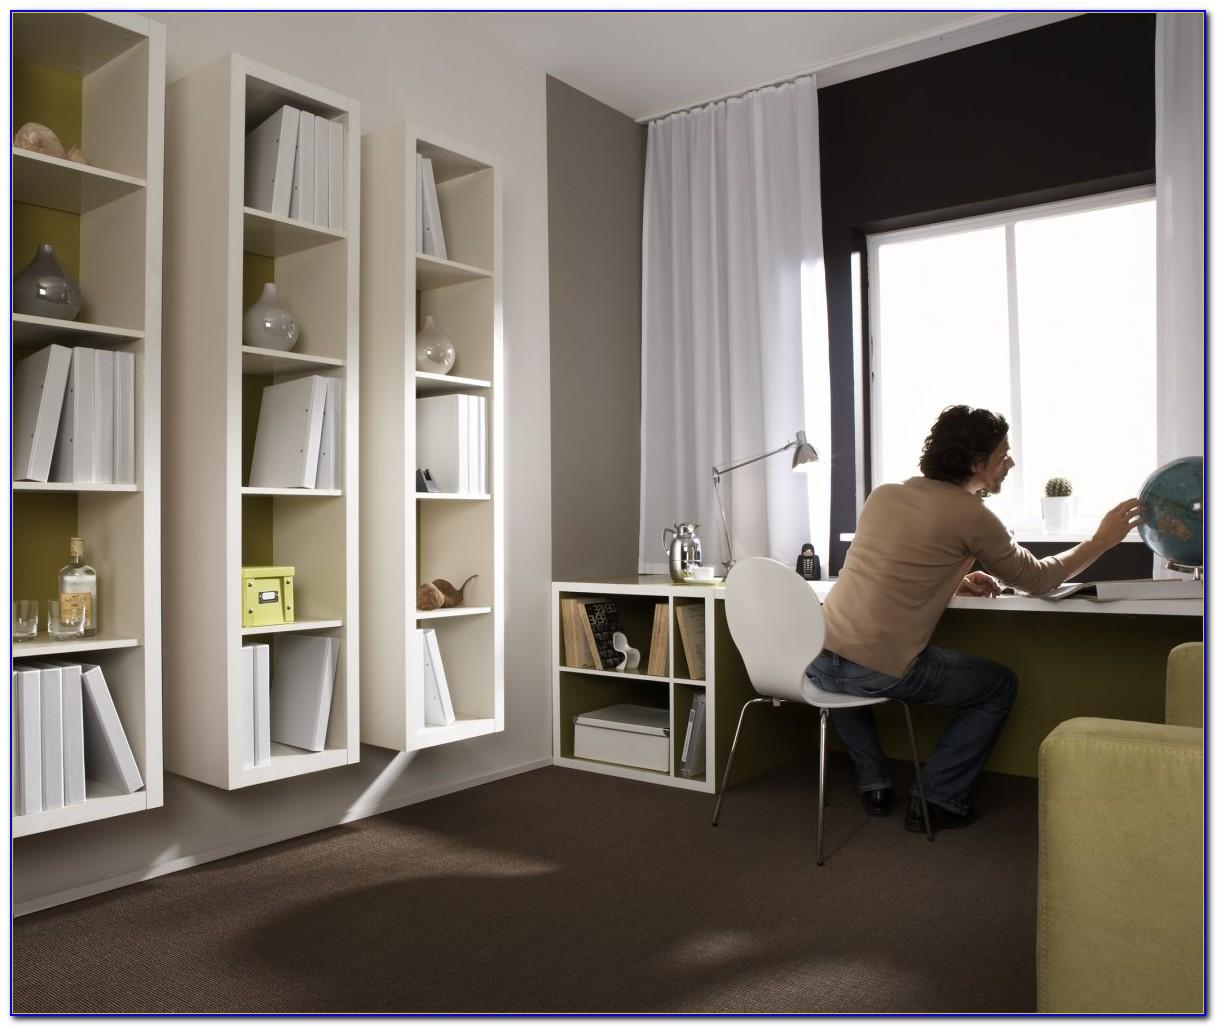 Möbel Selbst Designen Programm